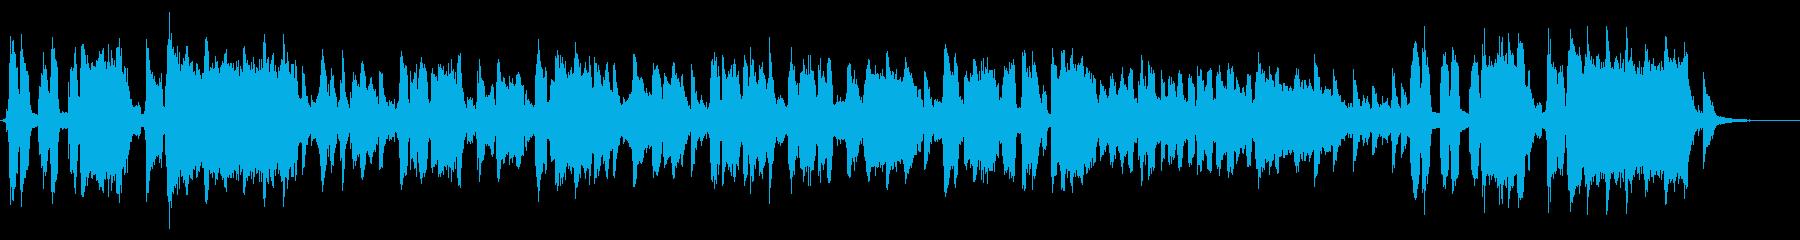 山芋をテーマにした楽曲の再生済みの波形